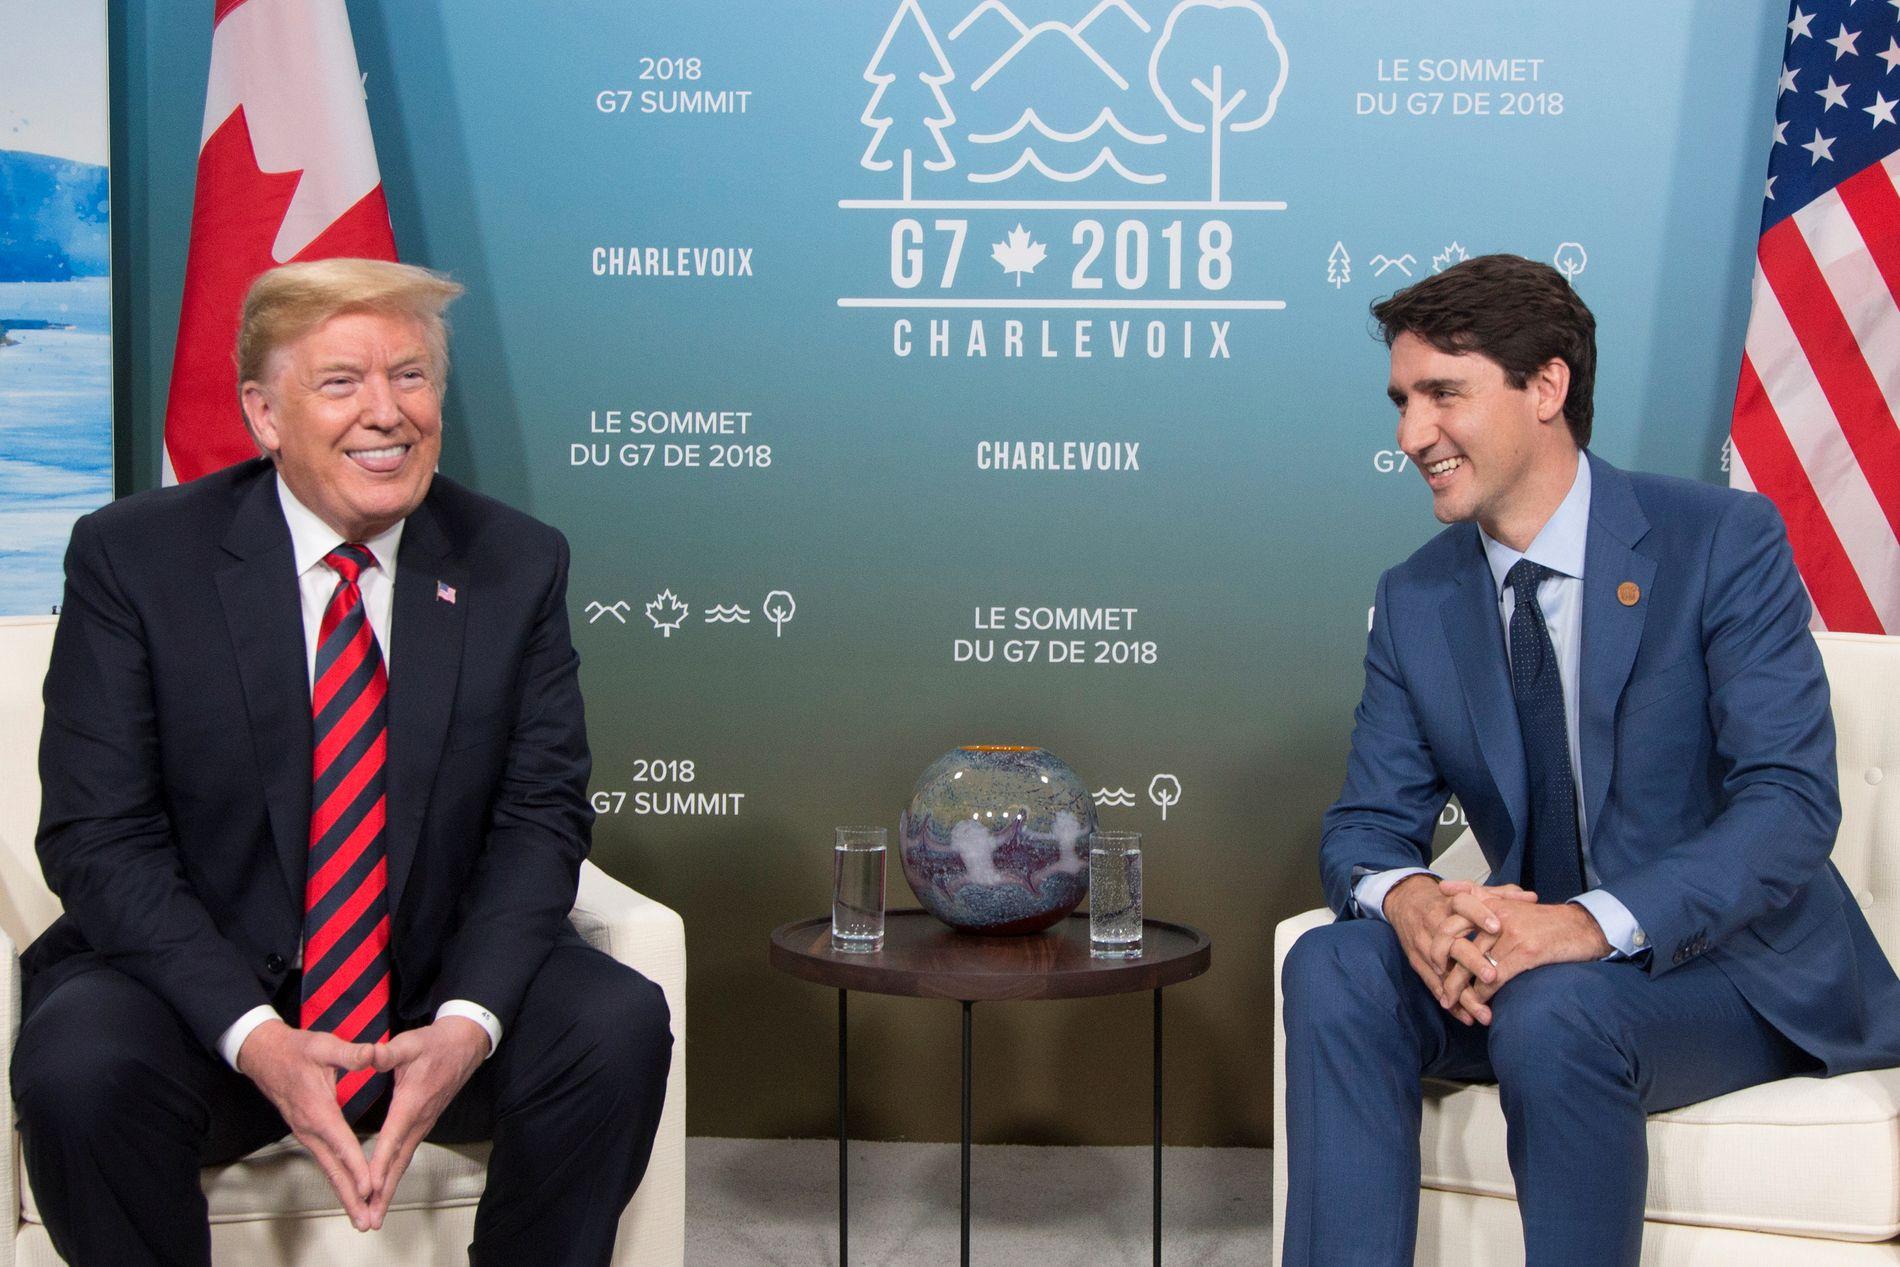 DRITTKASTING: Donald Trump kaller Canadas statsminister for «uærlig og svak». En av presidentens rådgivere sier det finnes «et spesielt sted i helvete» for ledere som Justin Trudeau.  Her sitter de sammen under G7-møtet i Canada.